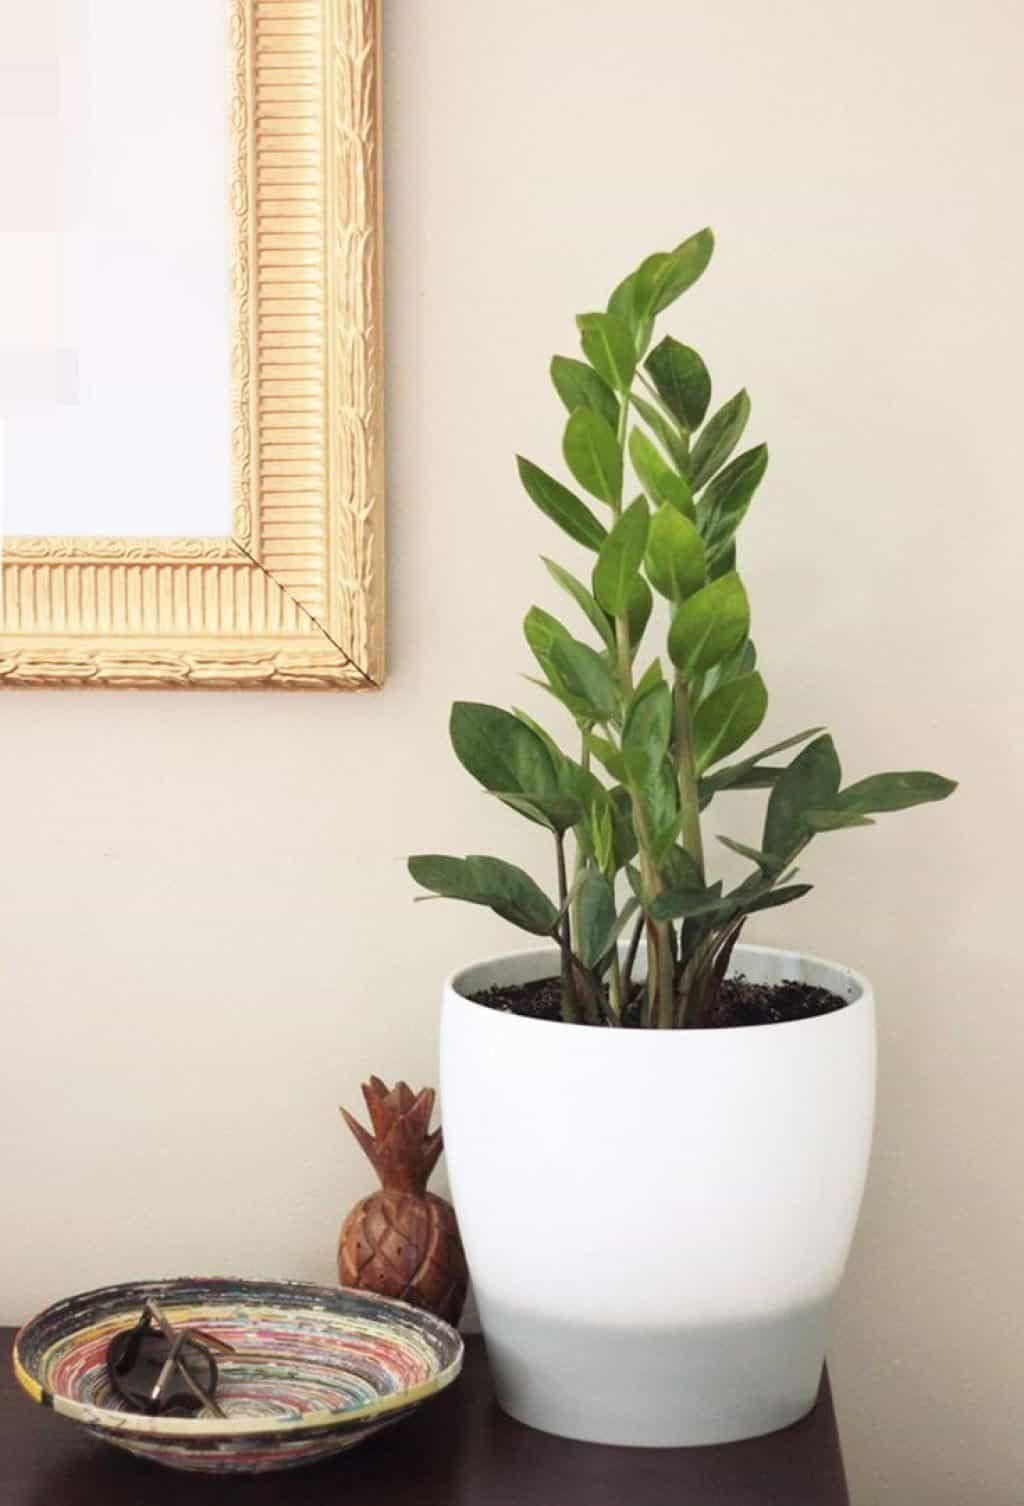 die besten 25 zamioculcas pflege ideen auf pinterest geigen blatt feigenbaum geige blatt. Black Bedroom Furniture Sets. Home Design Ideas